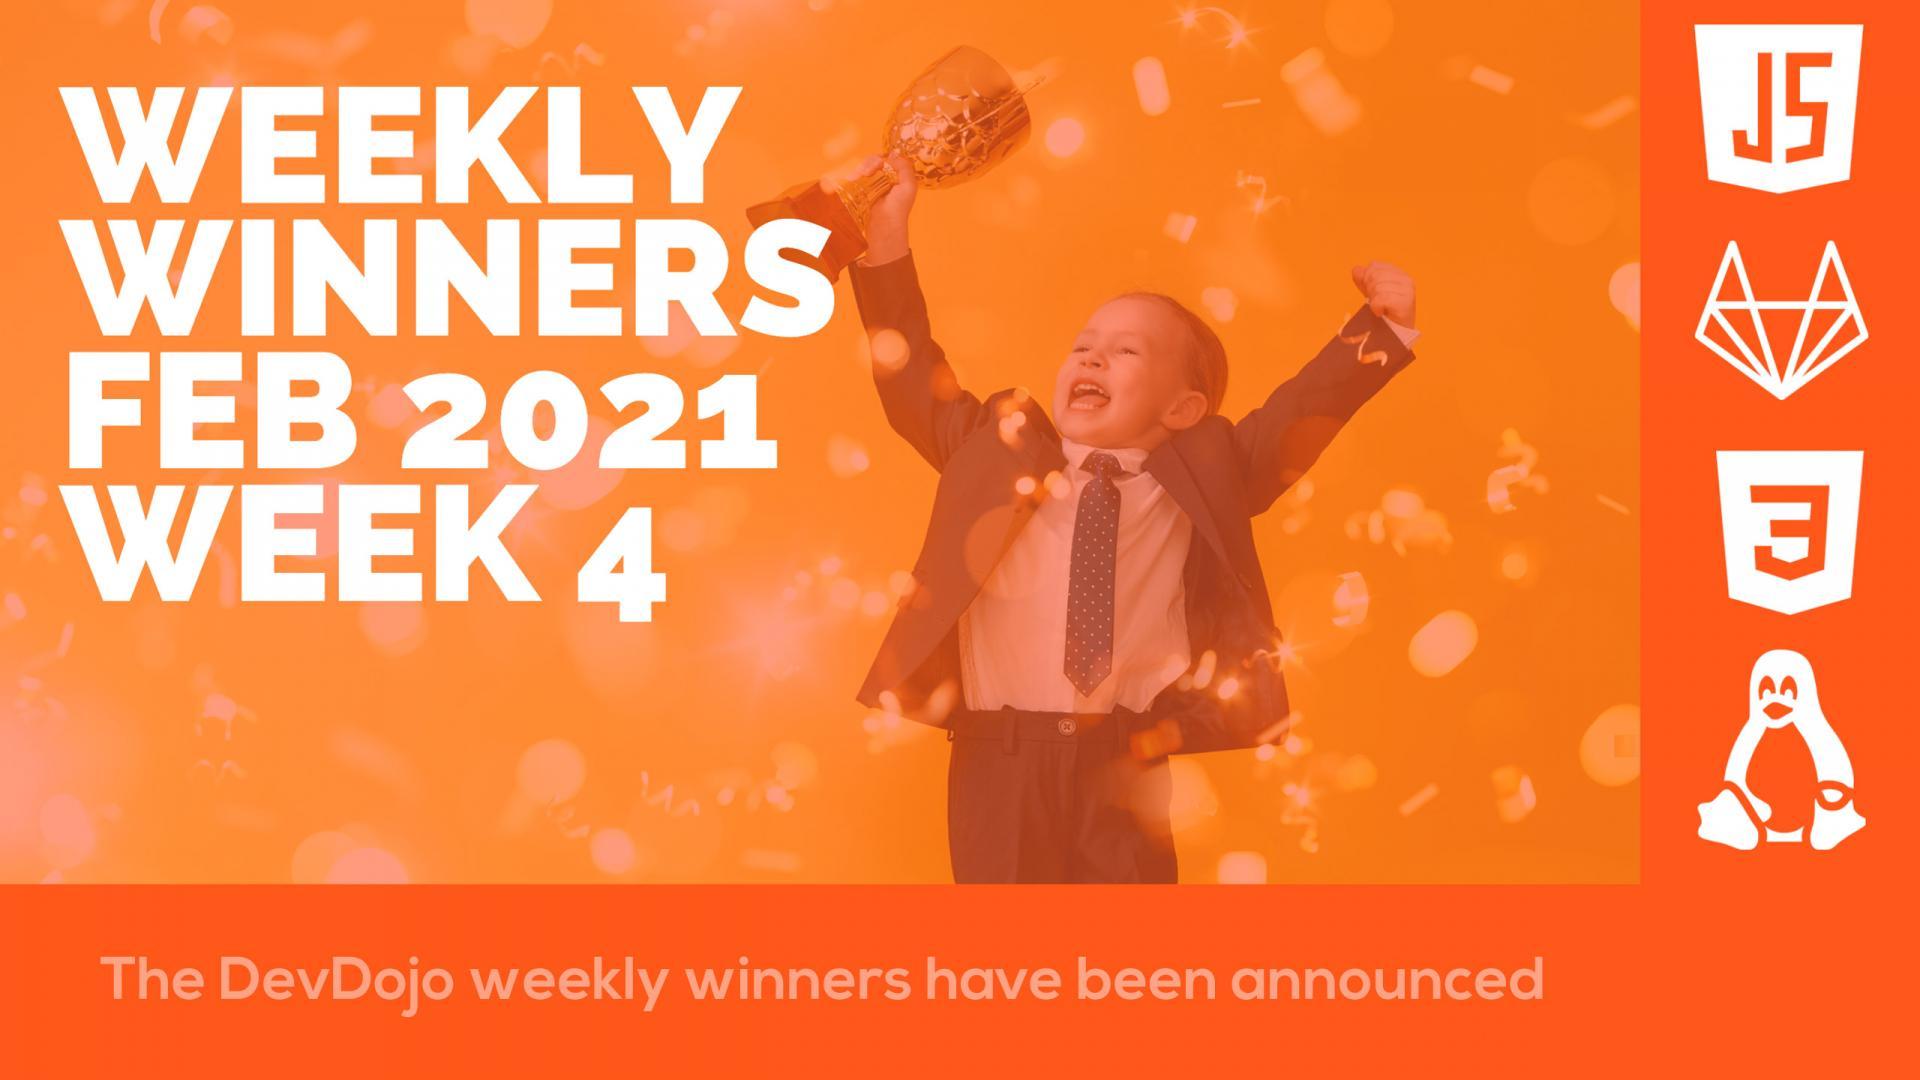 DevDojo Weekly Winners Week 4 Feb 2021